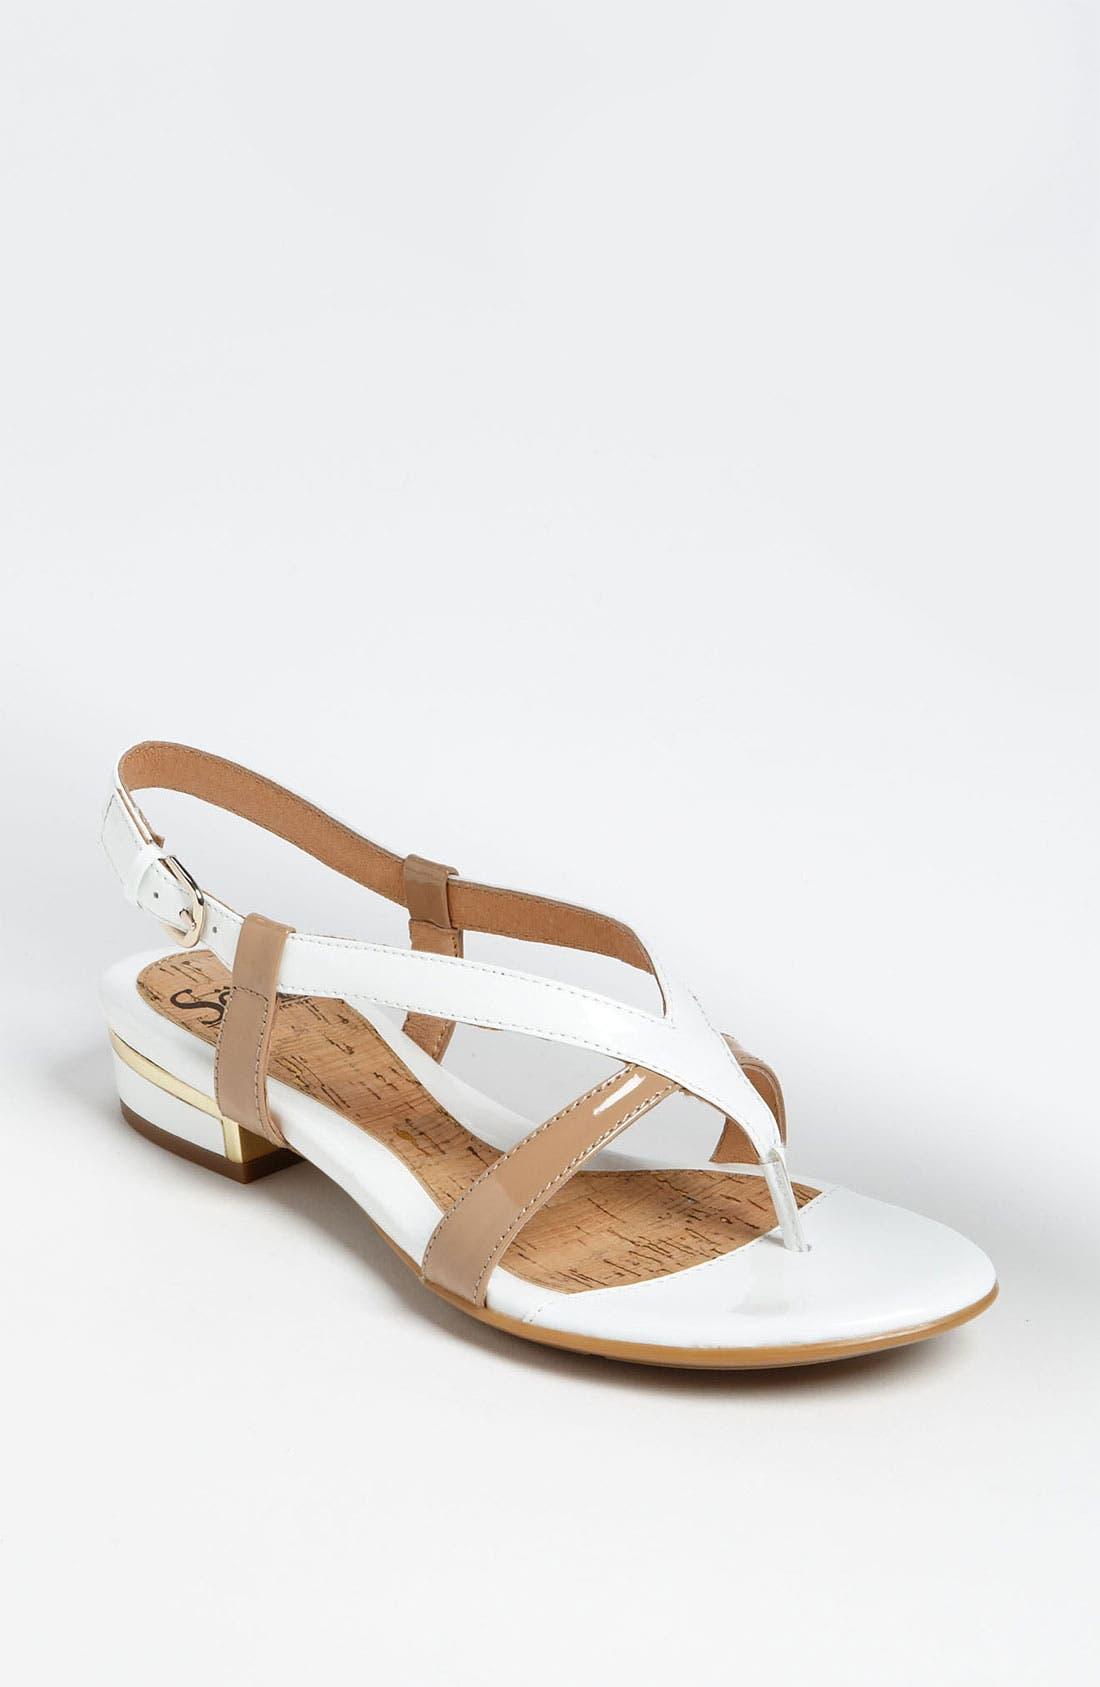 Main Image - Söfft 'Blyss' Sandal